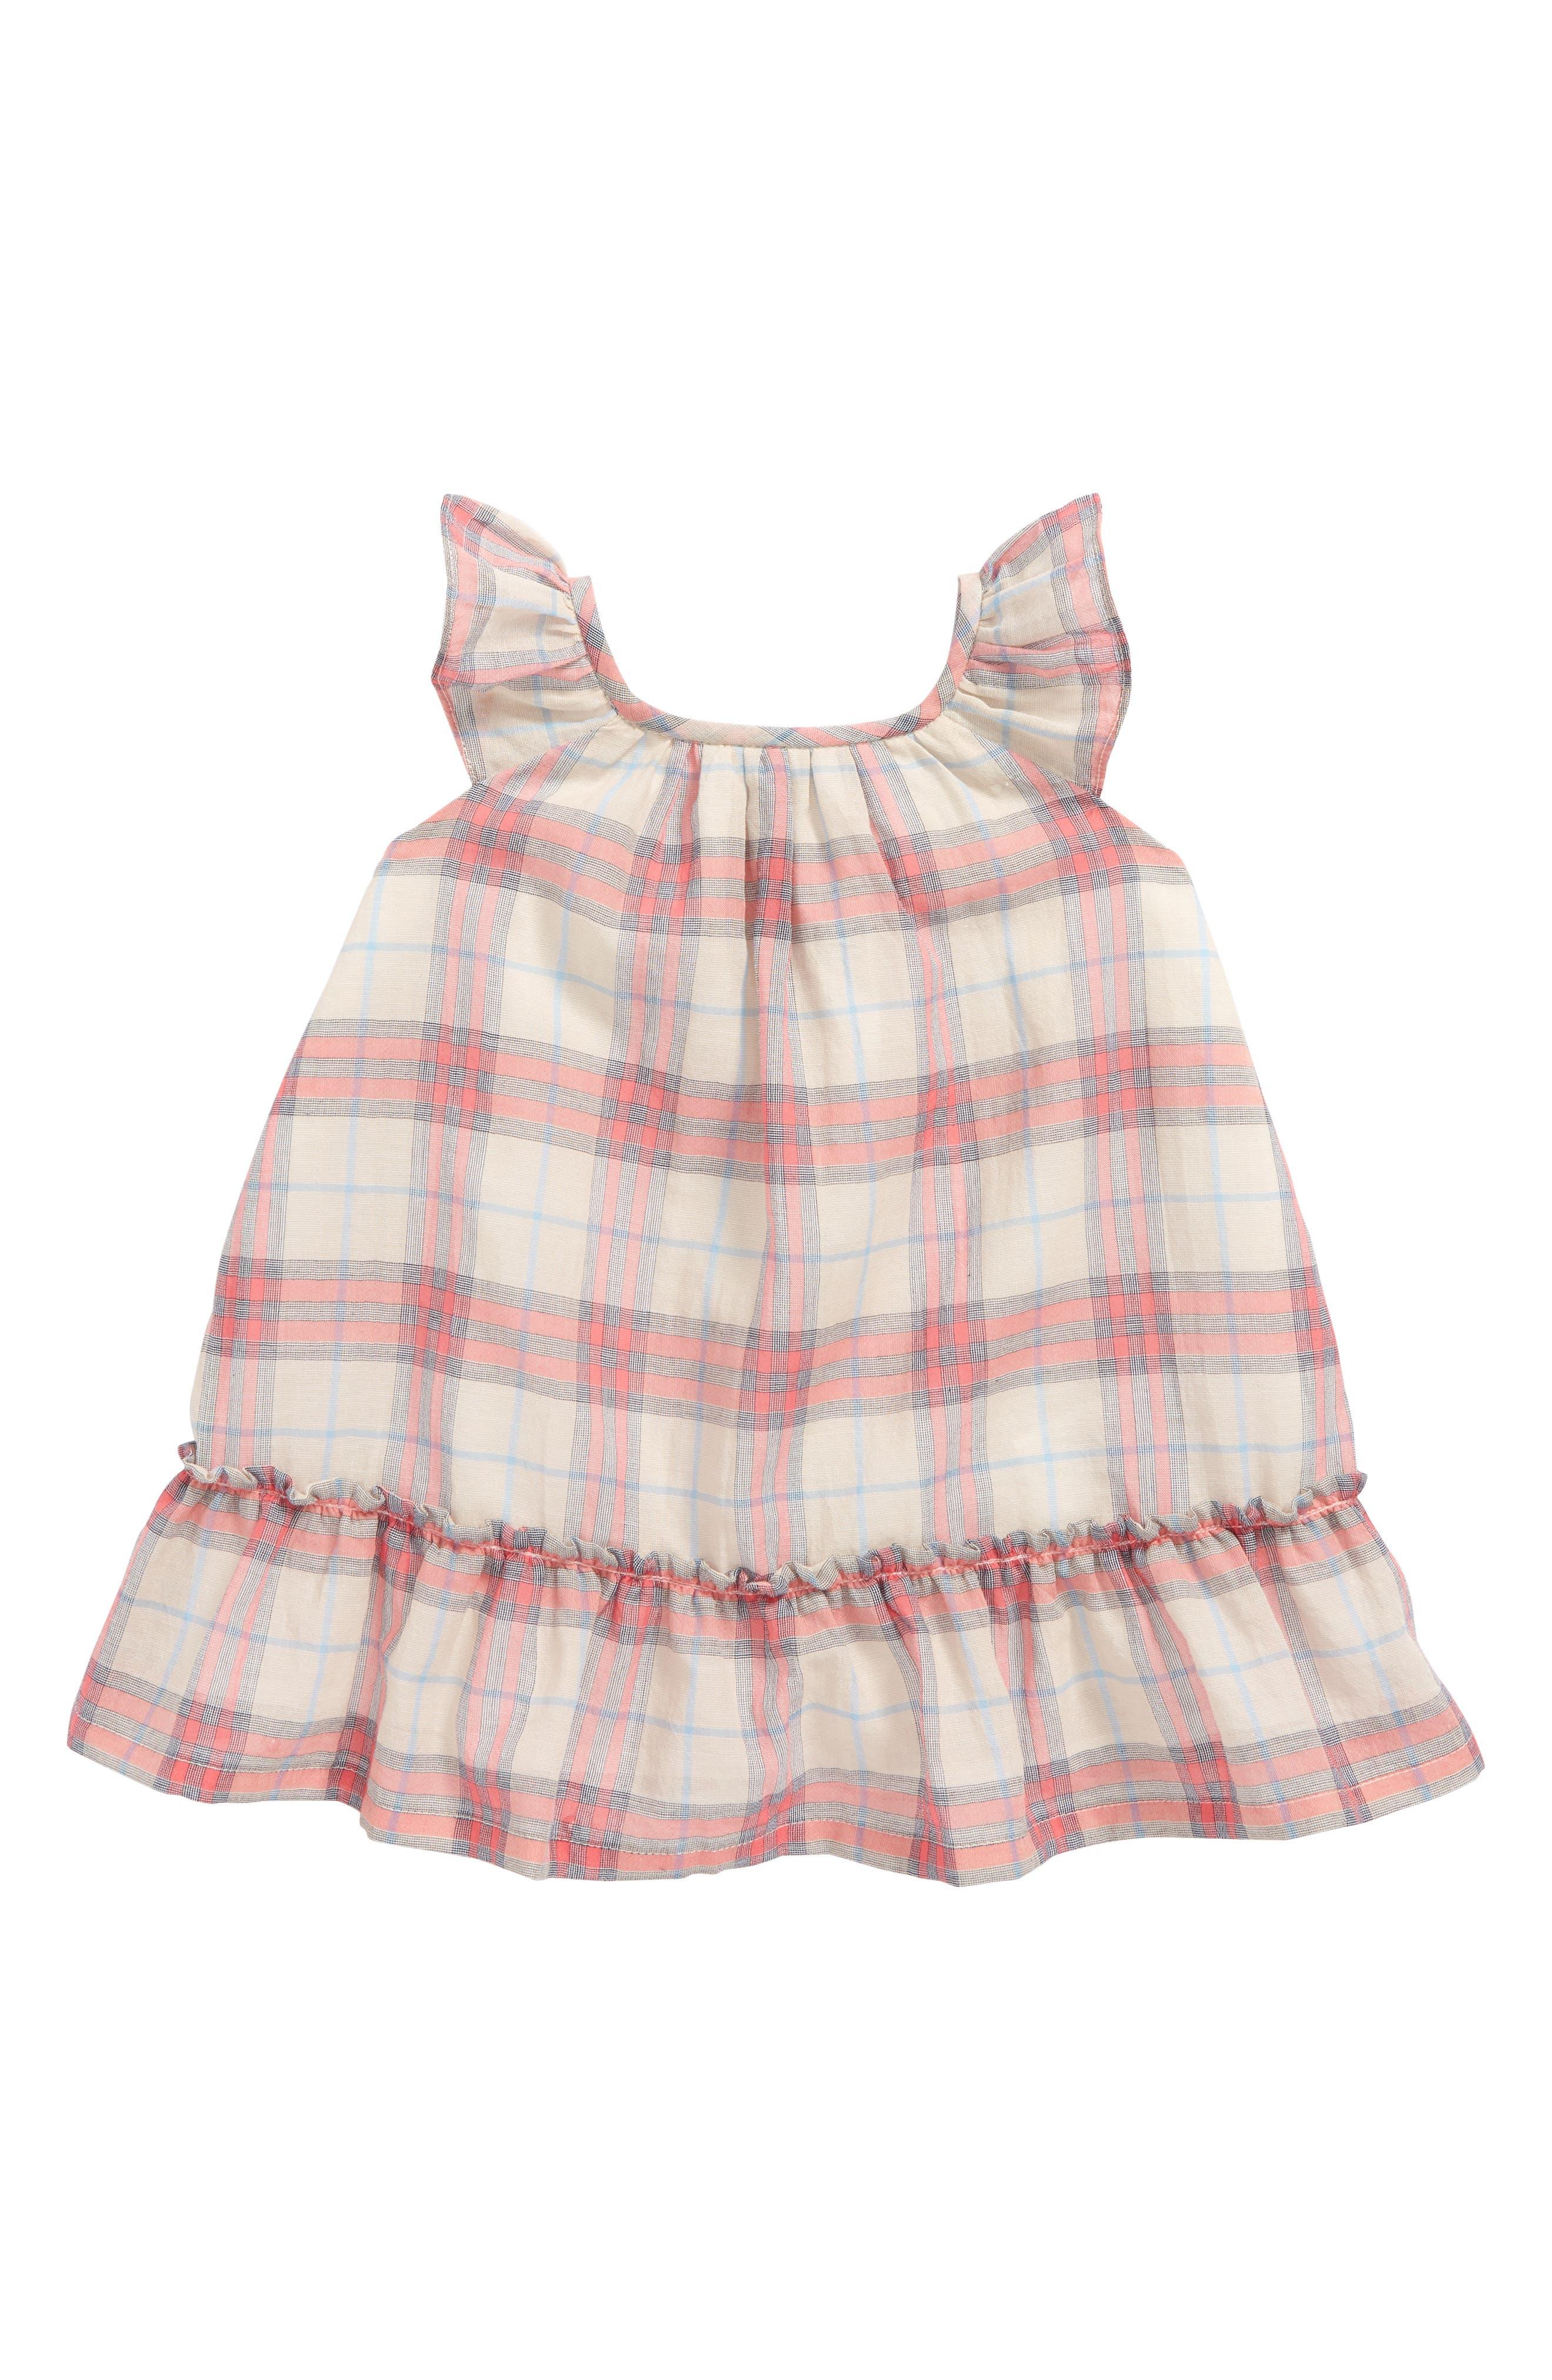 Tania Check Dress,                             Main thumbnail 1, color,                             Bright Coral Pink